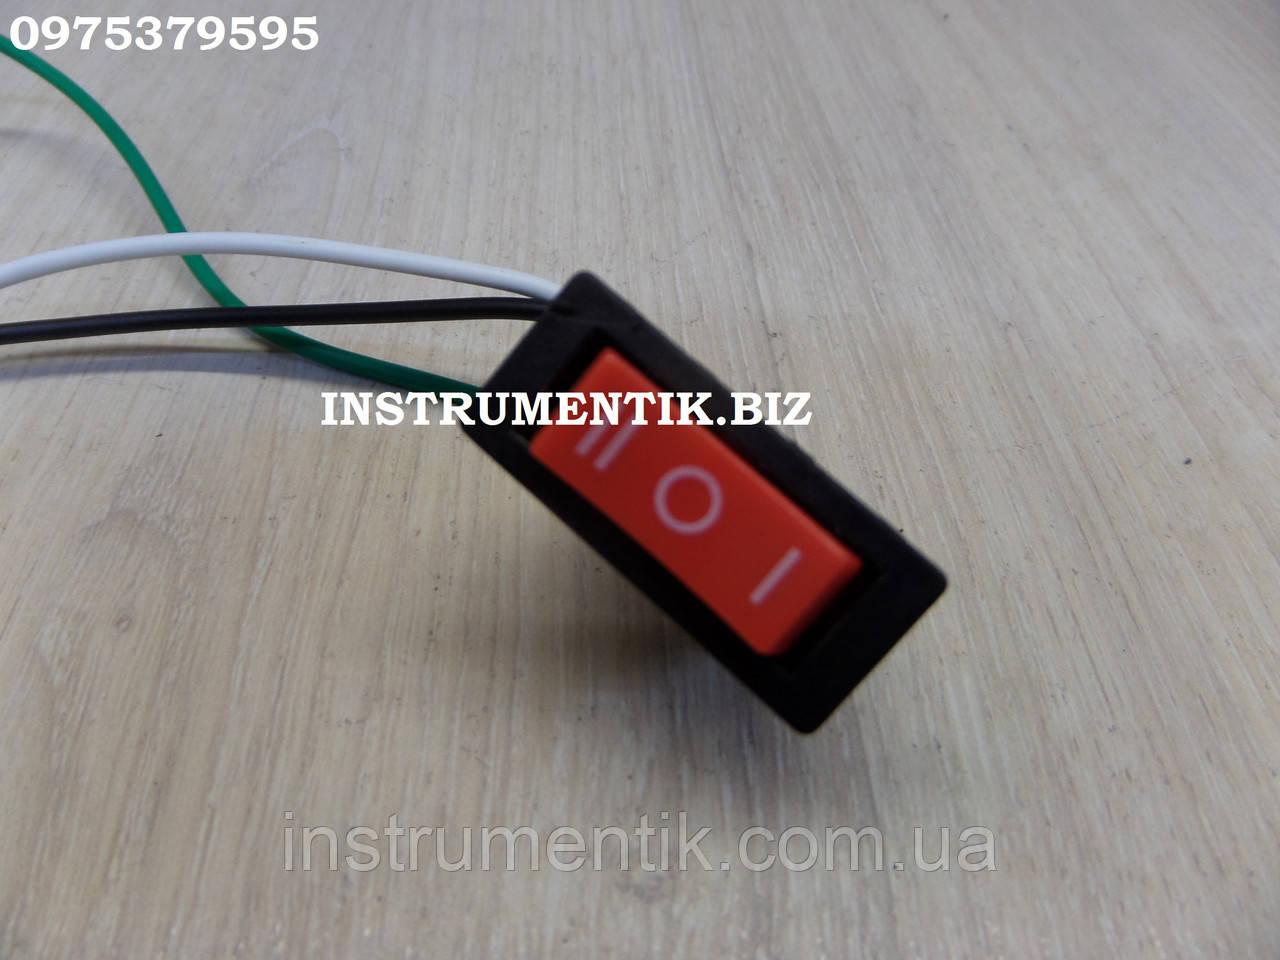 Кнопка для опрыскивателя AgriMotor SX-15D